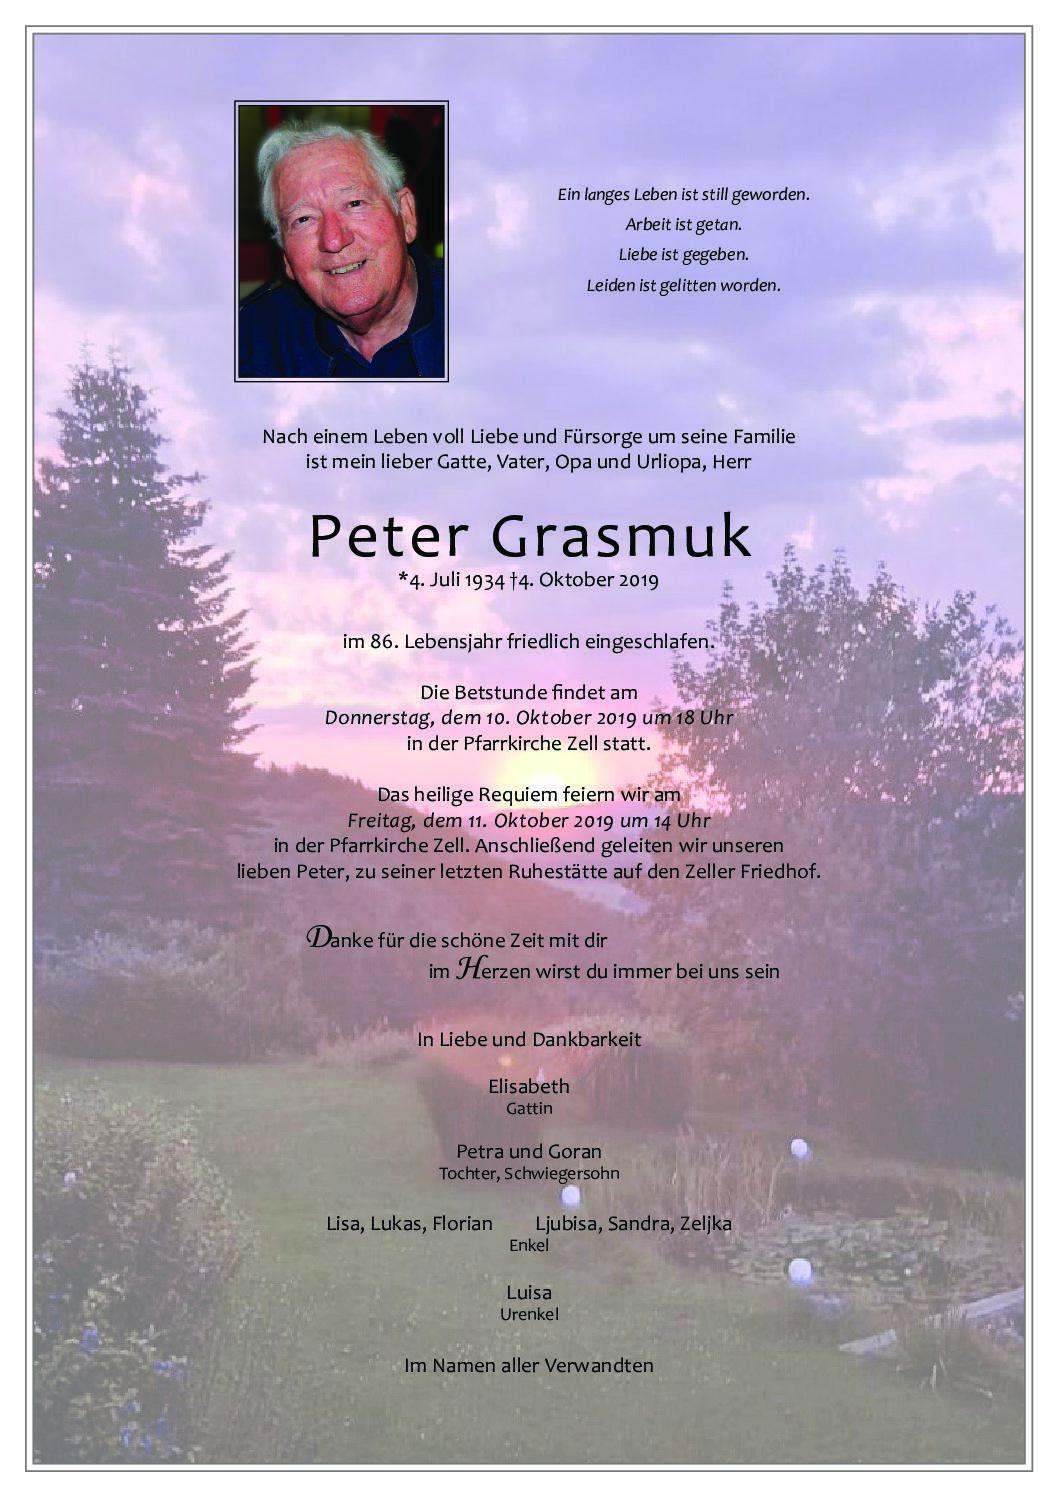 Peter Grasmuk